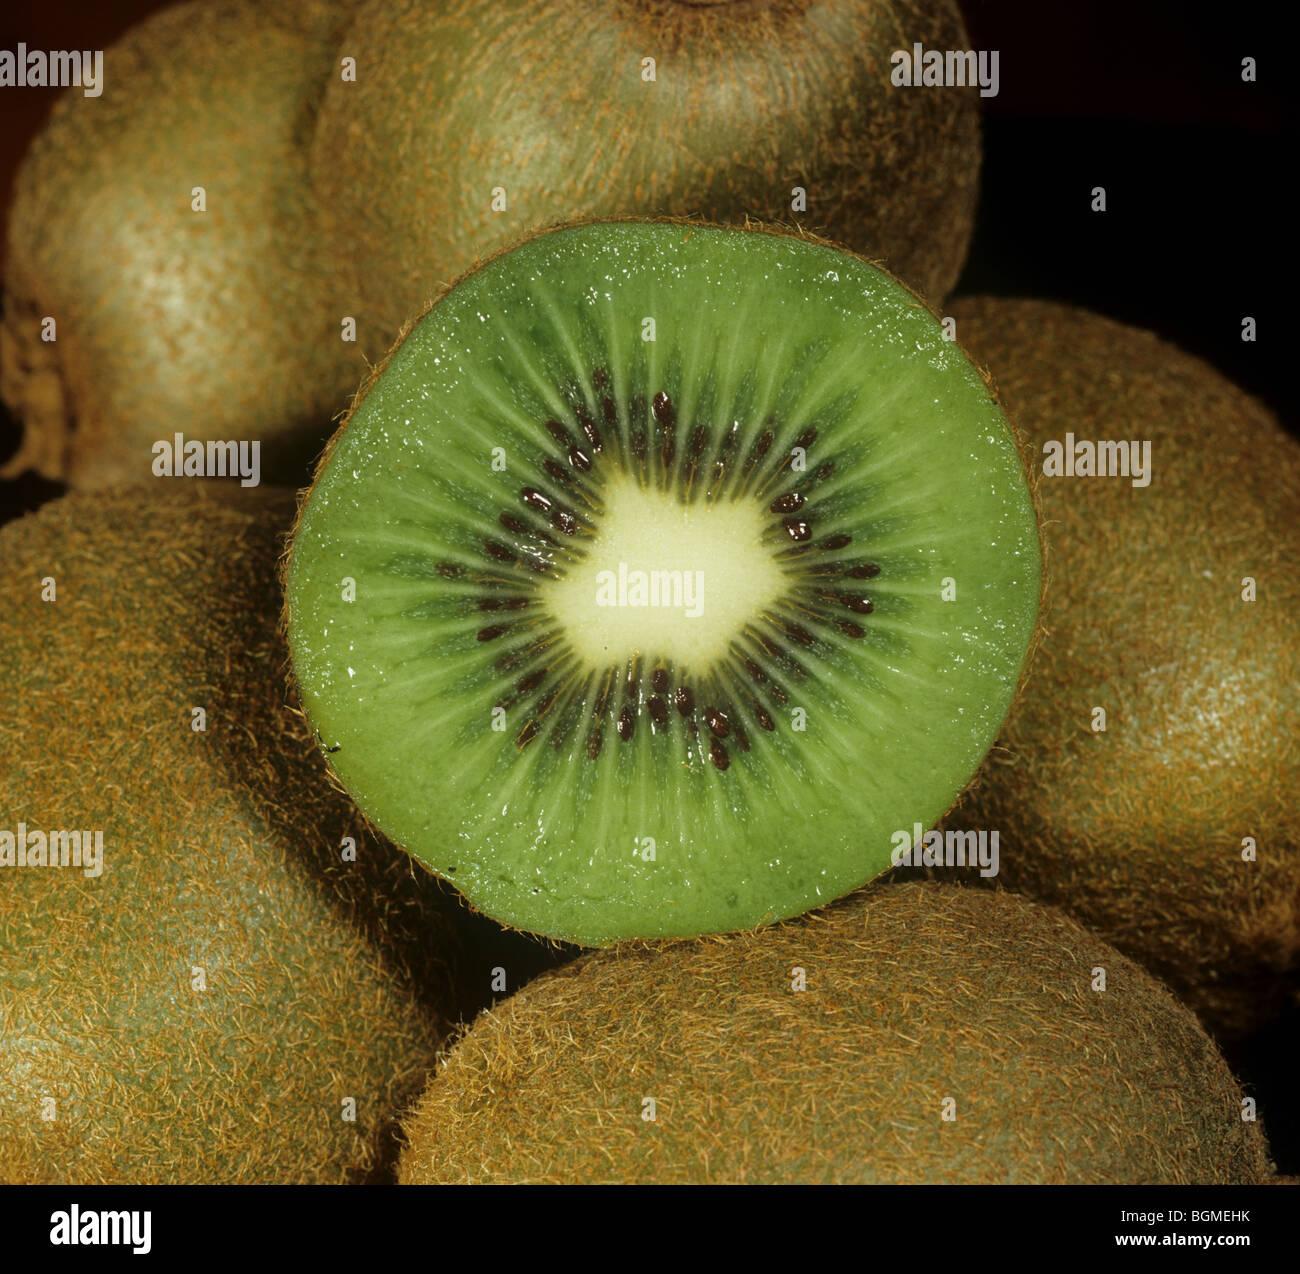 Kiwis mit einem Abschnitt durch eine Frucht geschnitten Stockbild